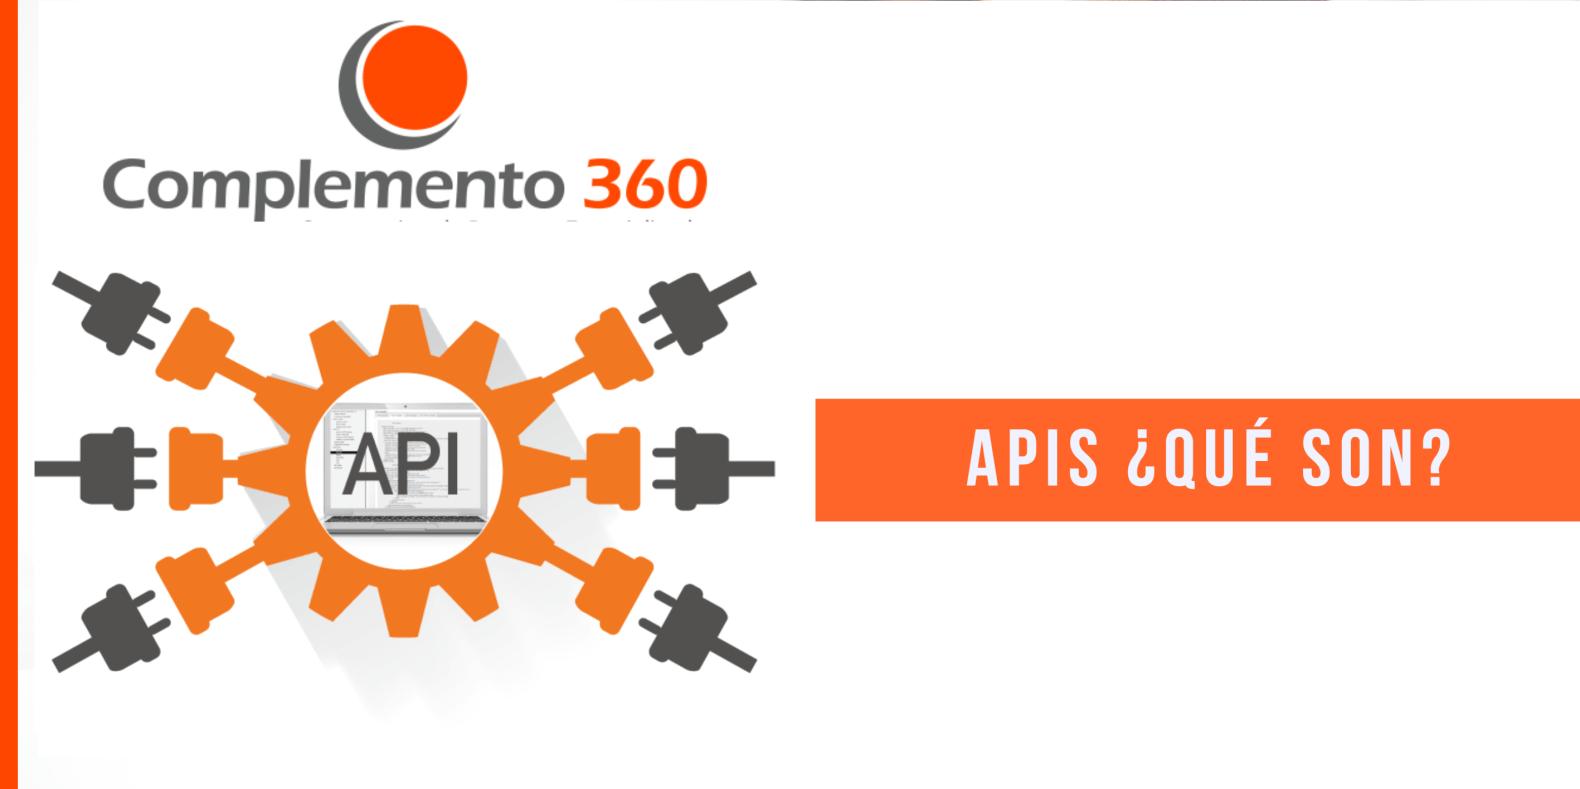 ¿Qué son las APIS?